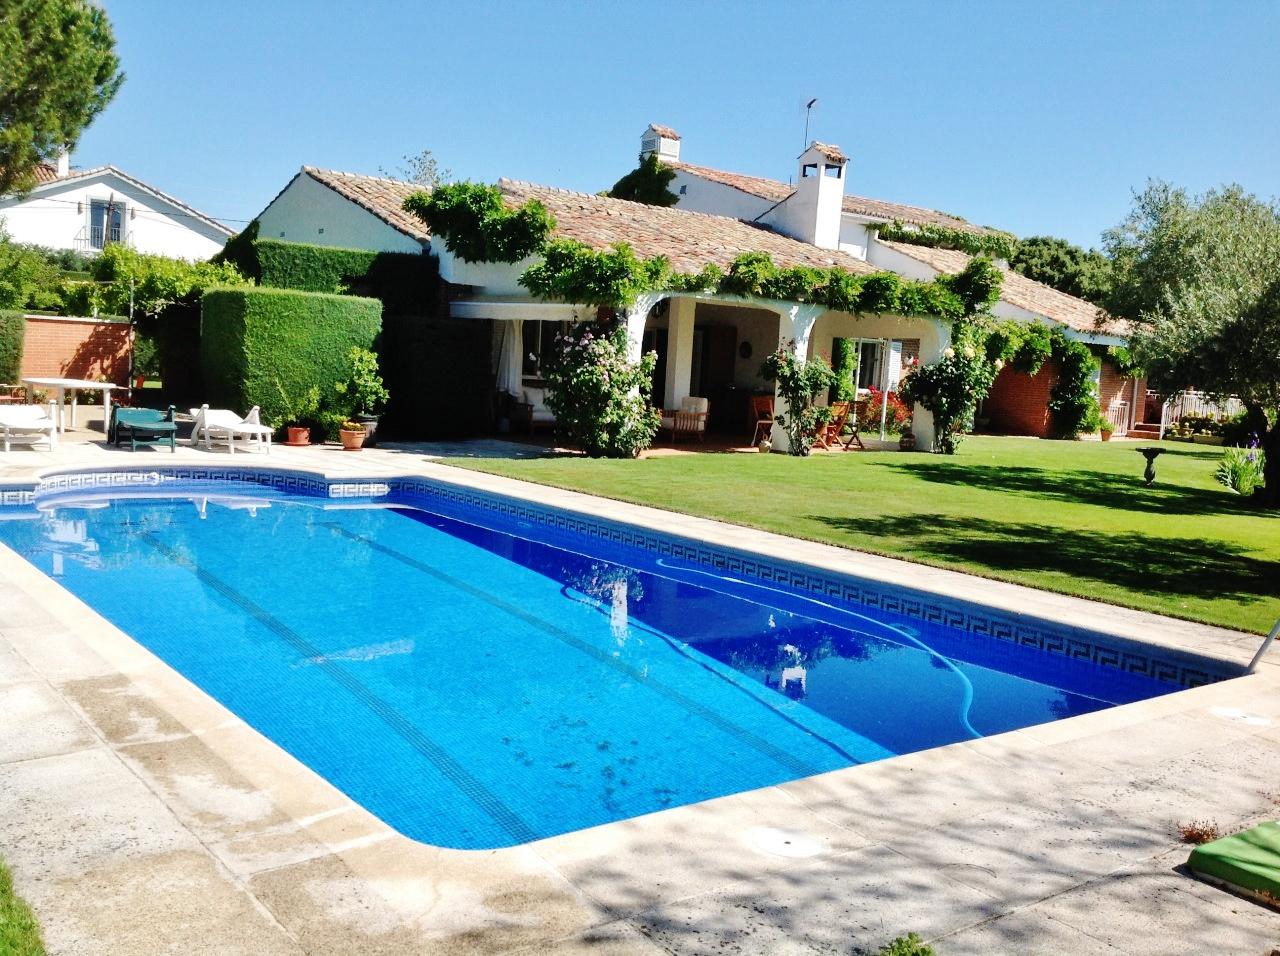 Casas y pisos en venta madrid gr re max cl sico servicios for Calle prado panetes 10 guadalix de la sierra